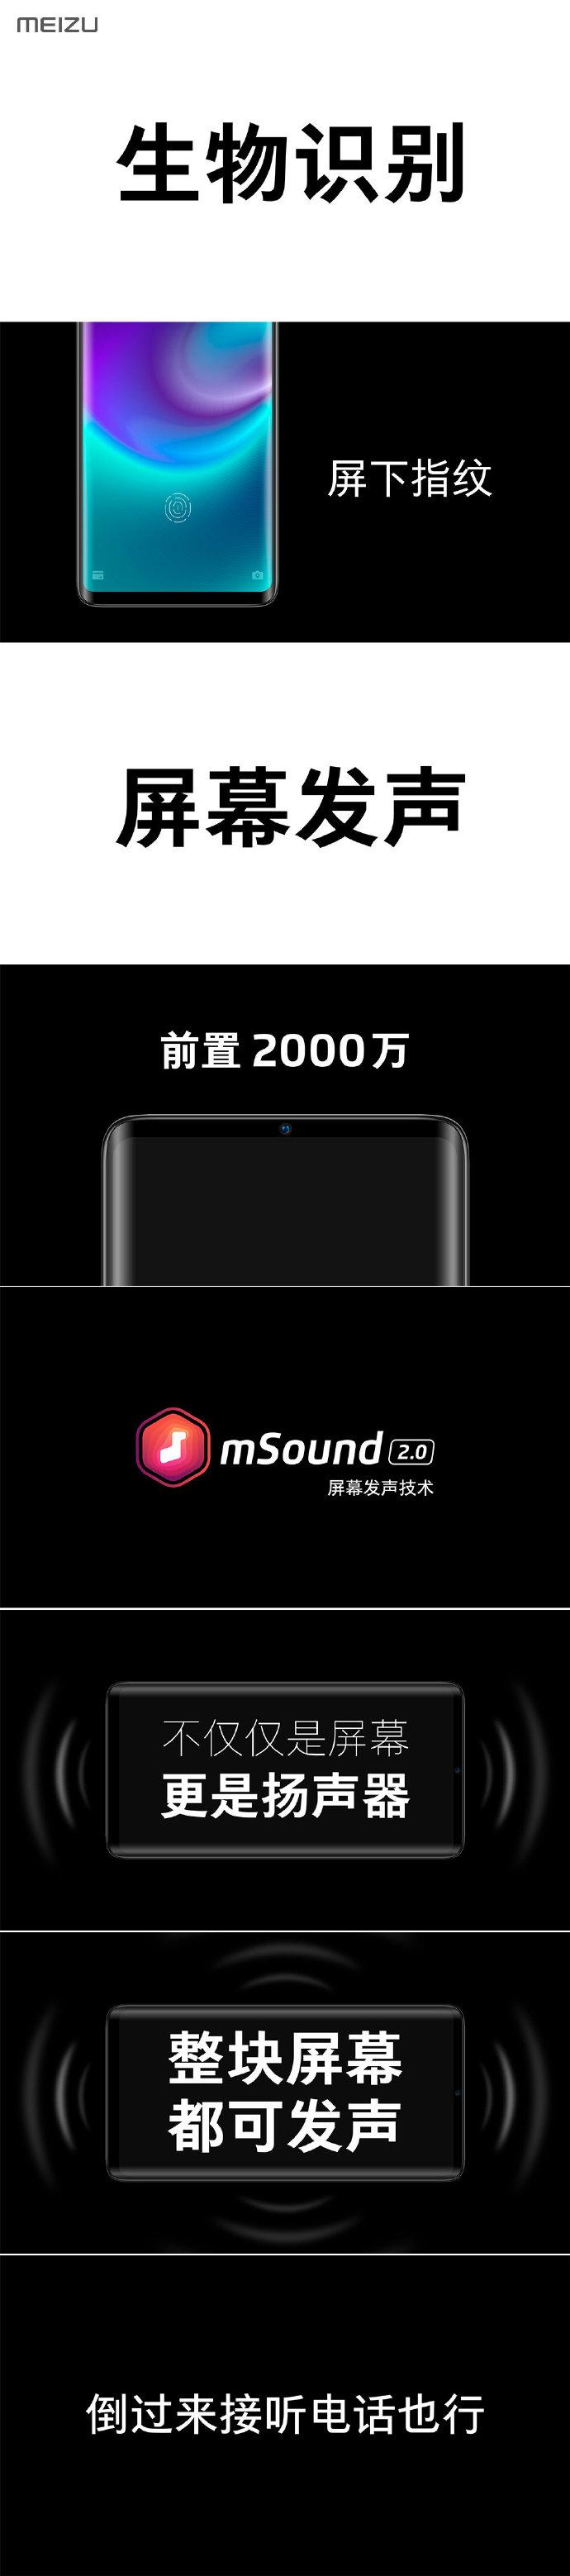 魅族Zero真无孔手机新特性:屏幕发声,柔性OLED光学指纹